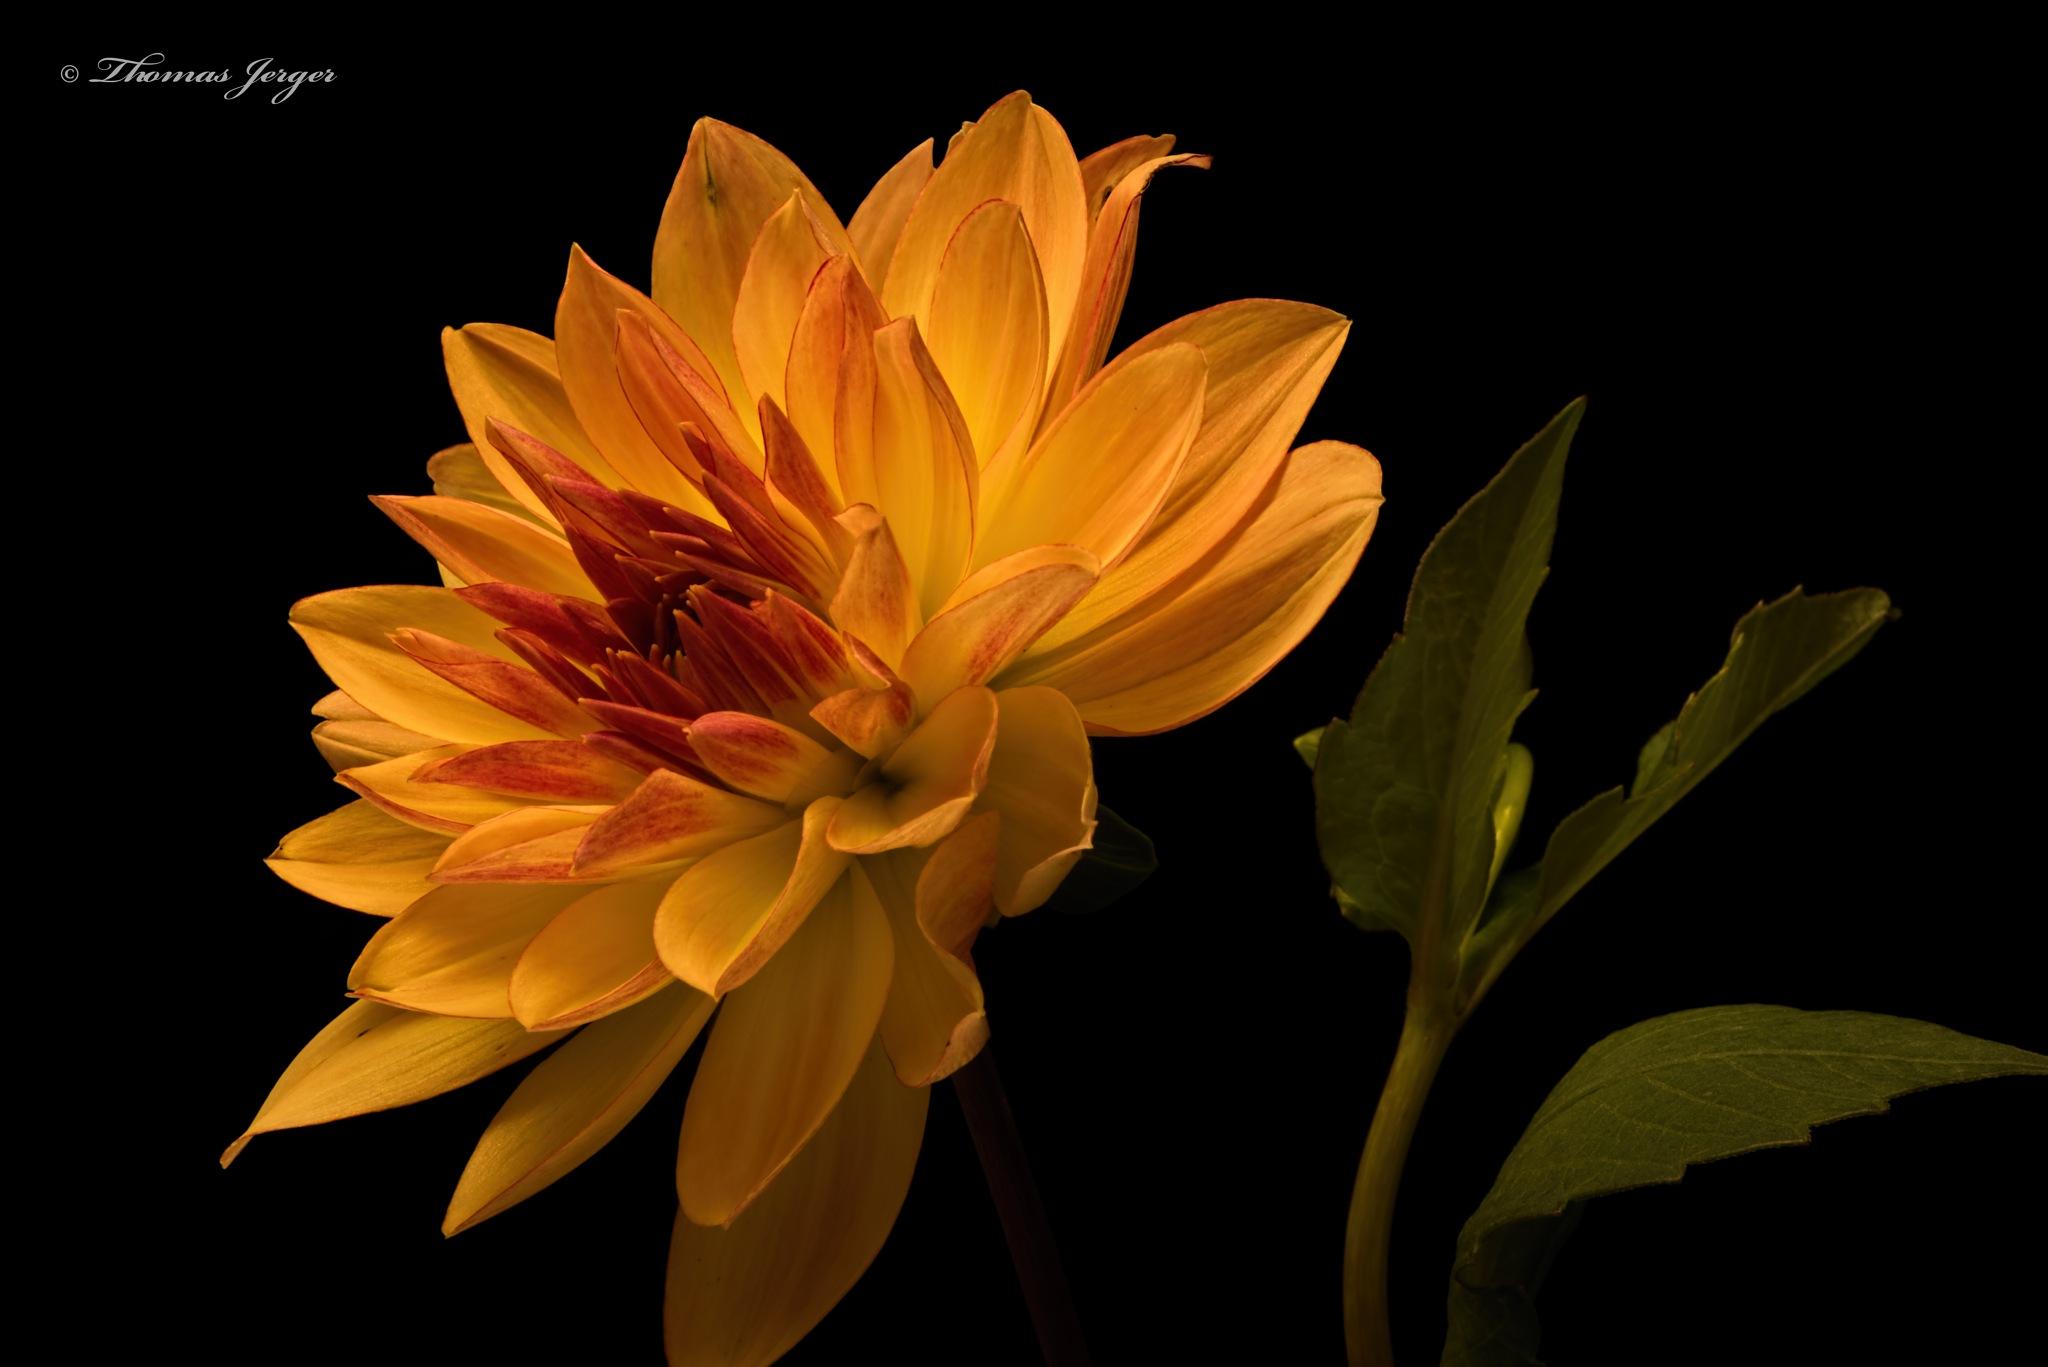 Orange Dahlia 1012 by ThomasJerger